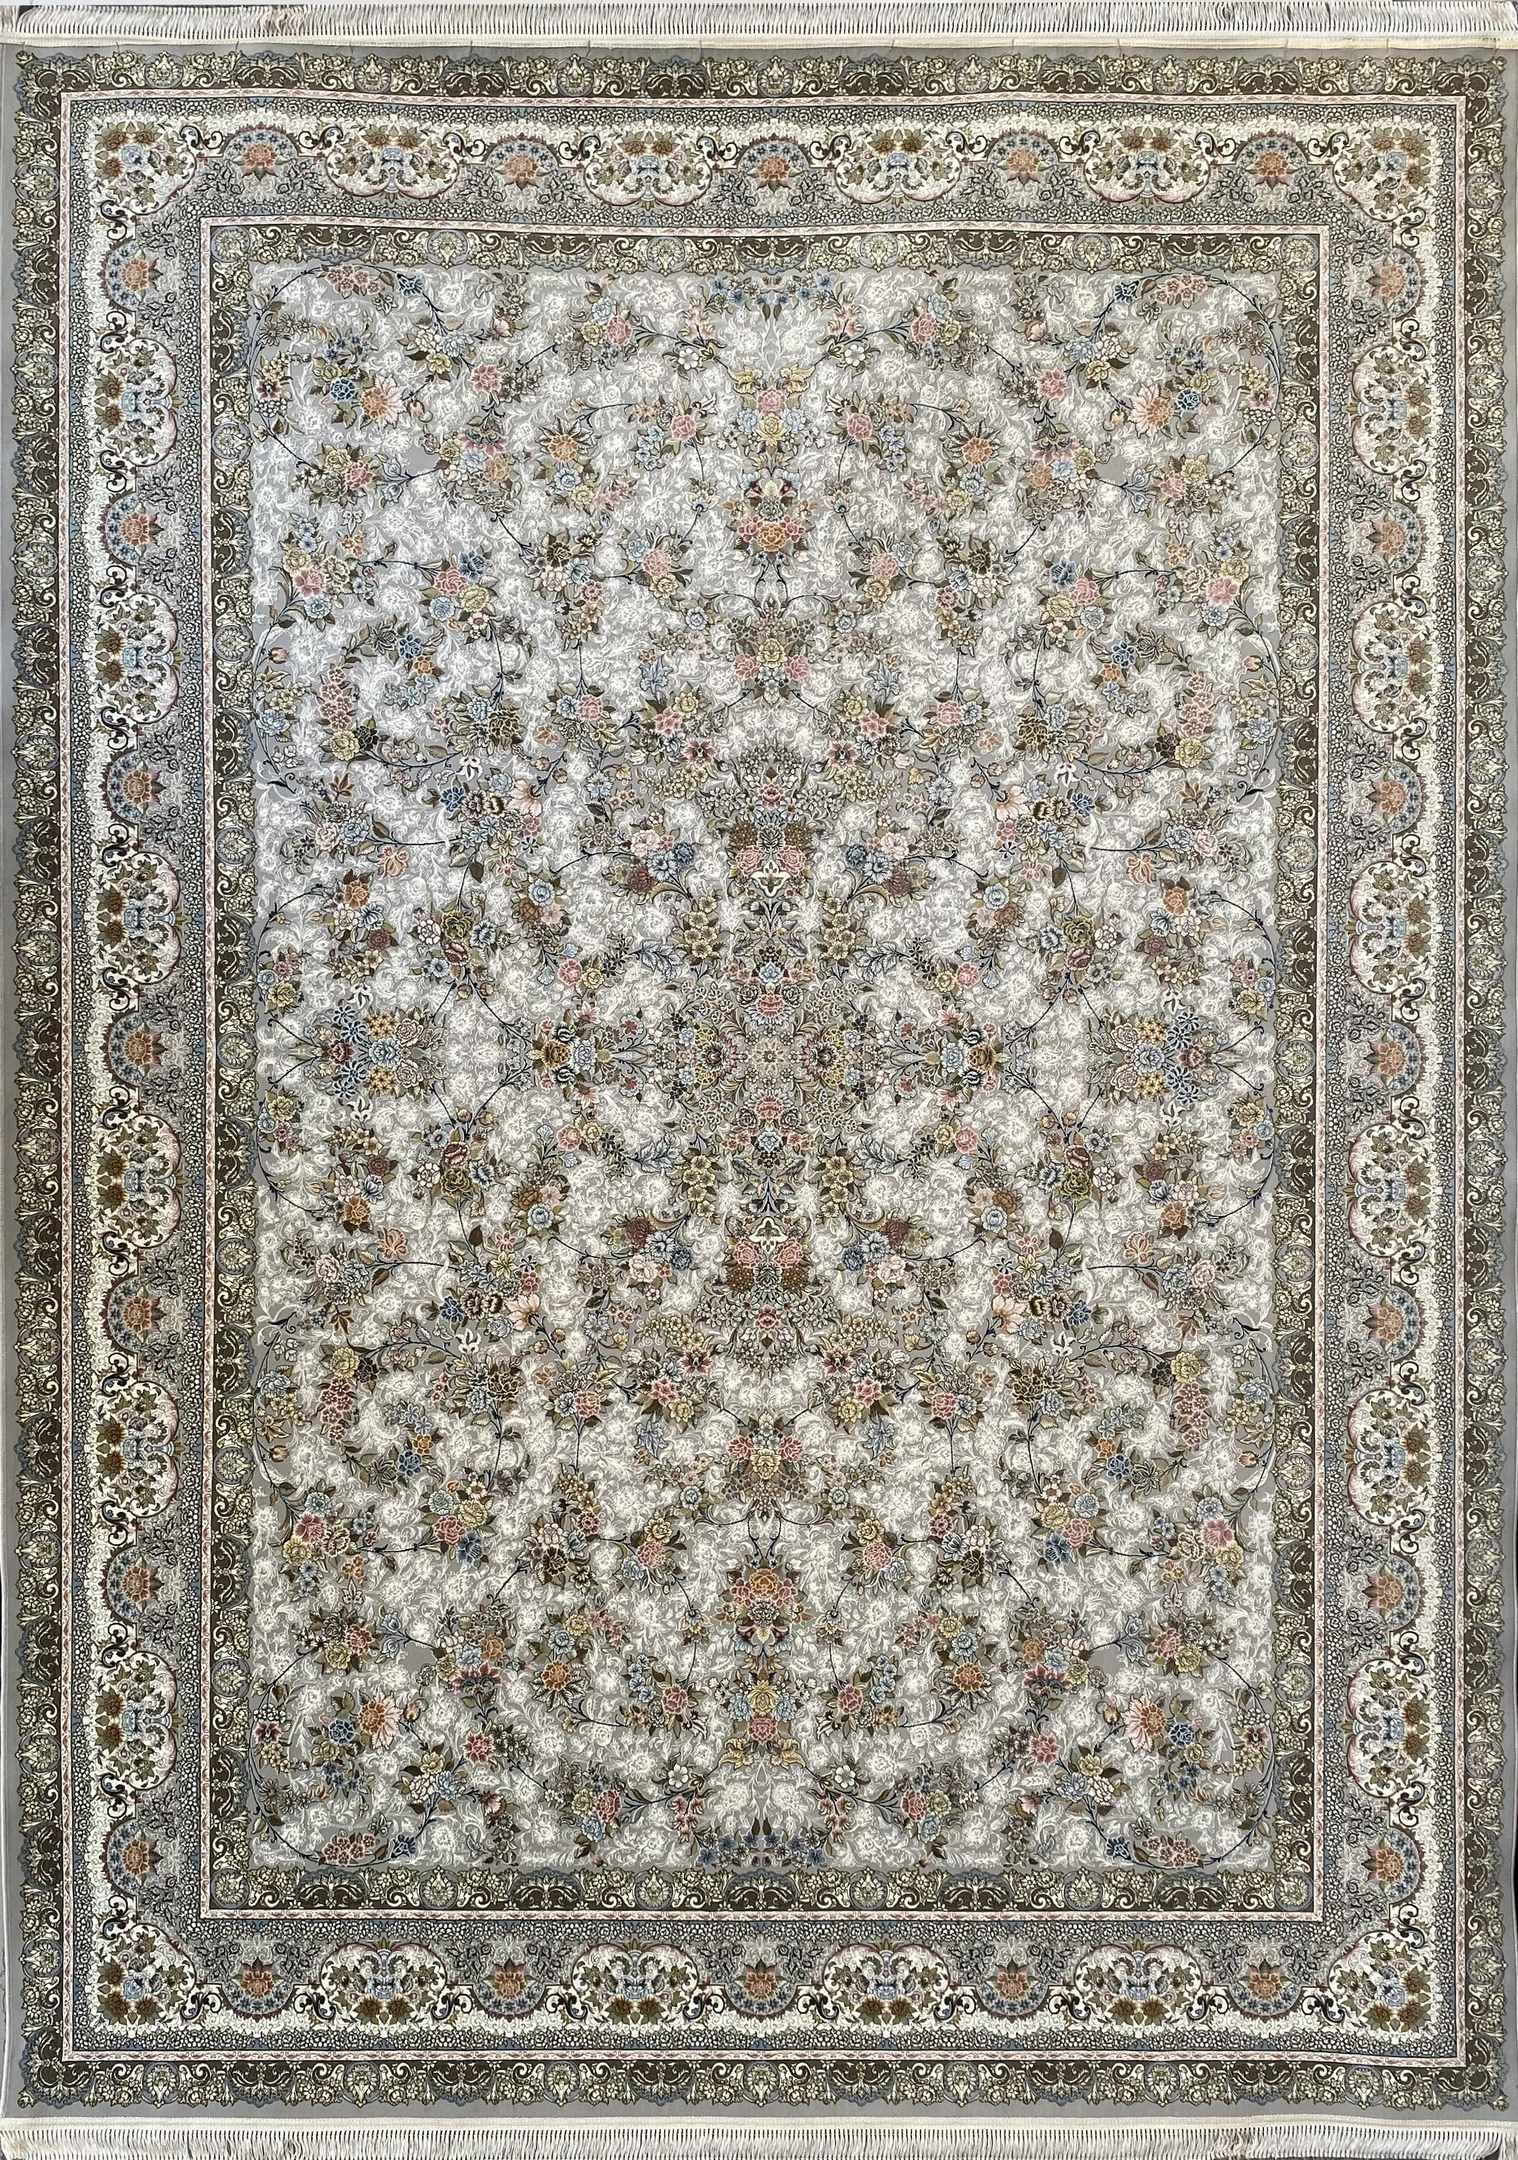 فرش کاشان -نقشه افشان بهار ۱۵۰۰ شانه سیلور گلبرجسته